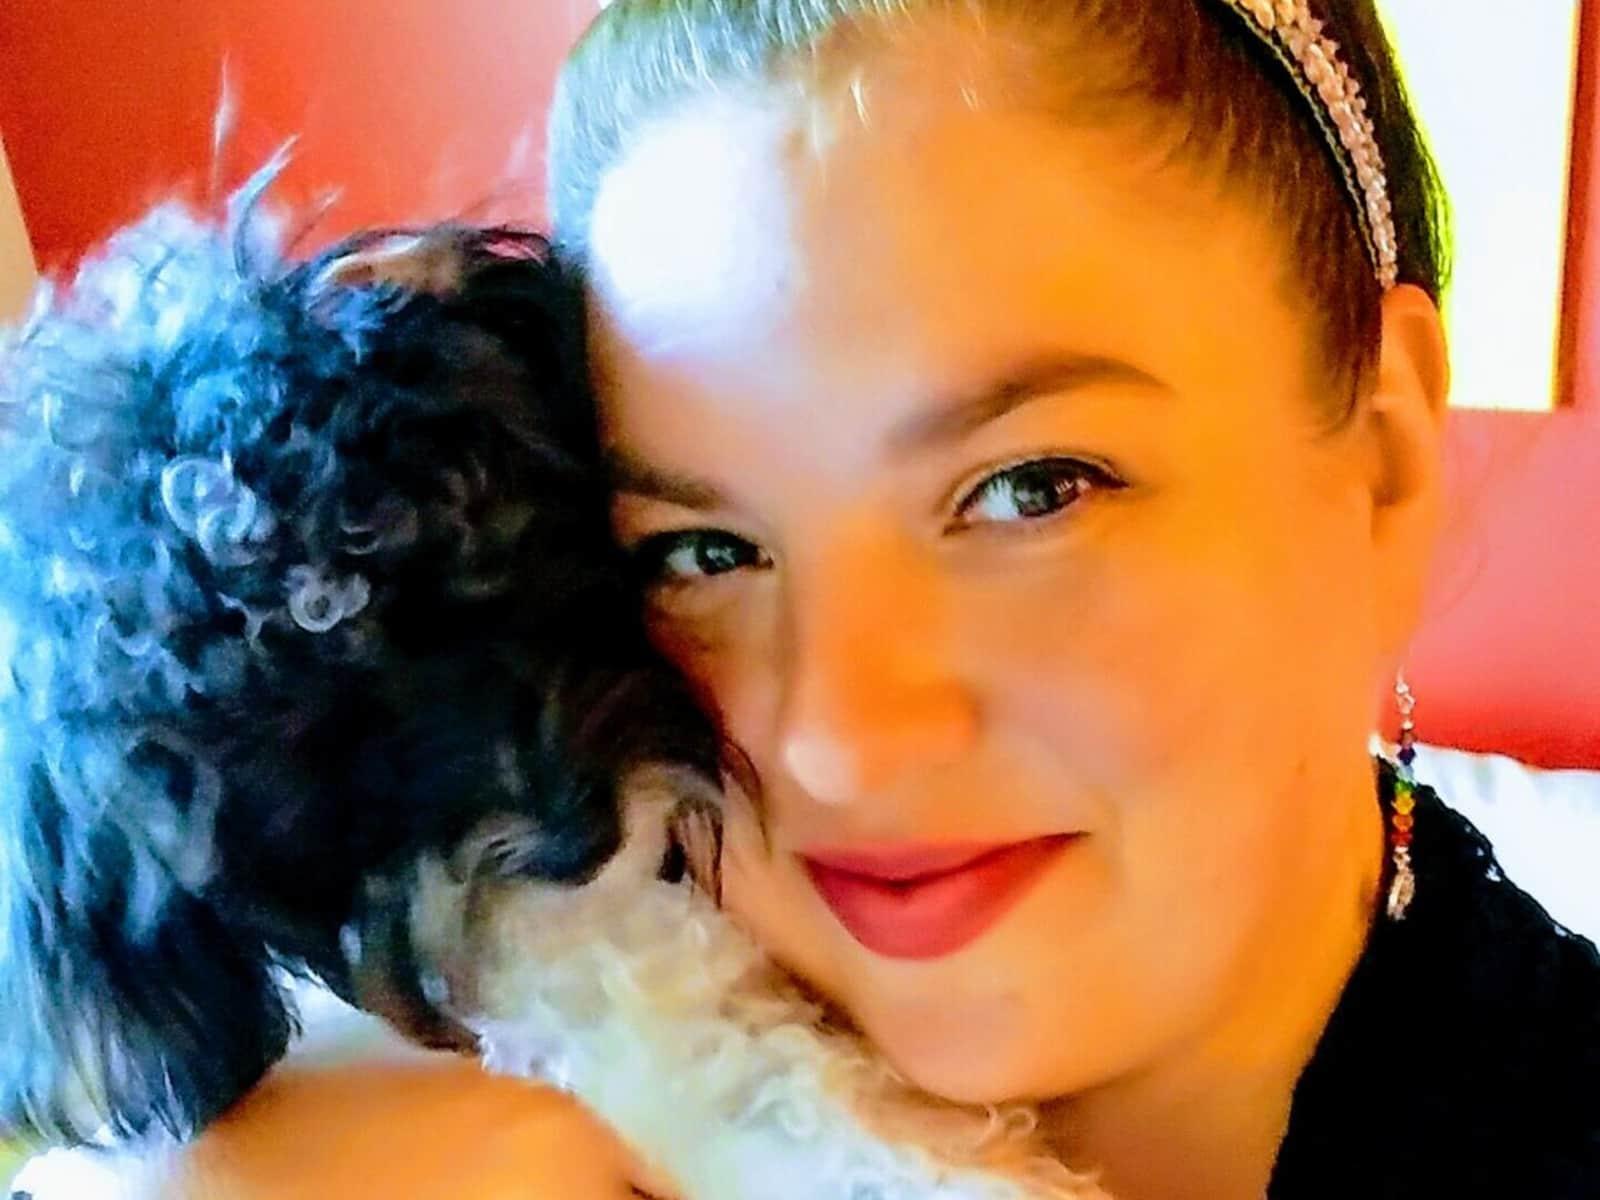 Angela from Kirkland, Washington, United States